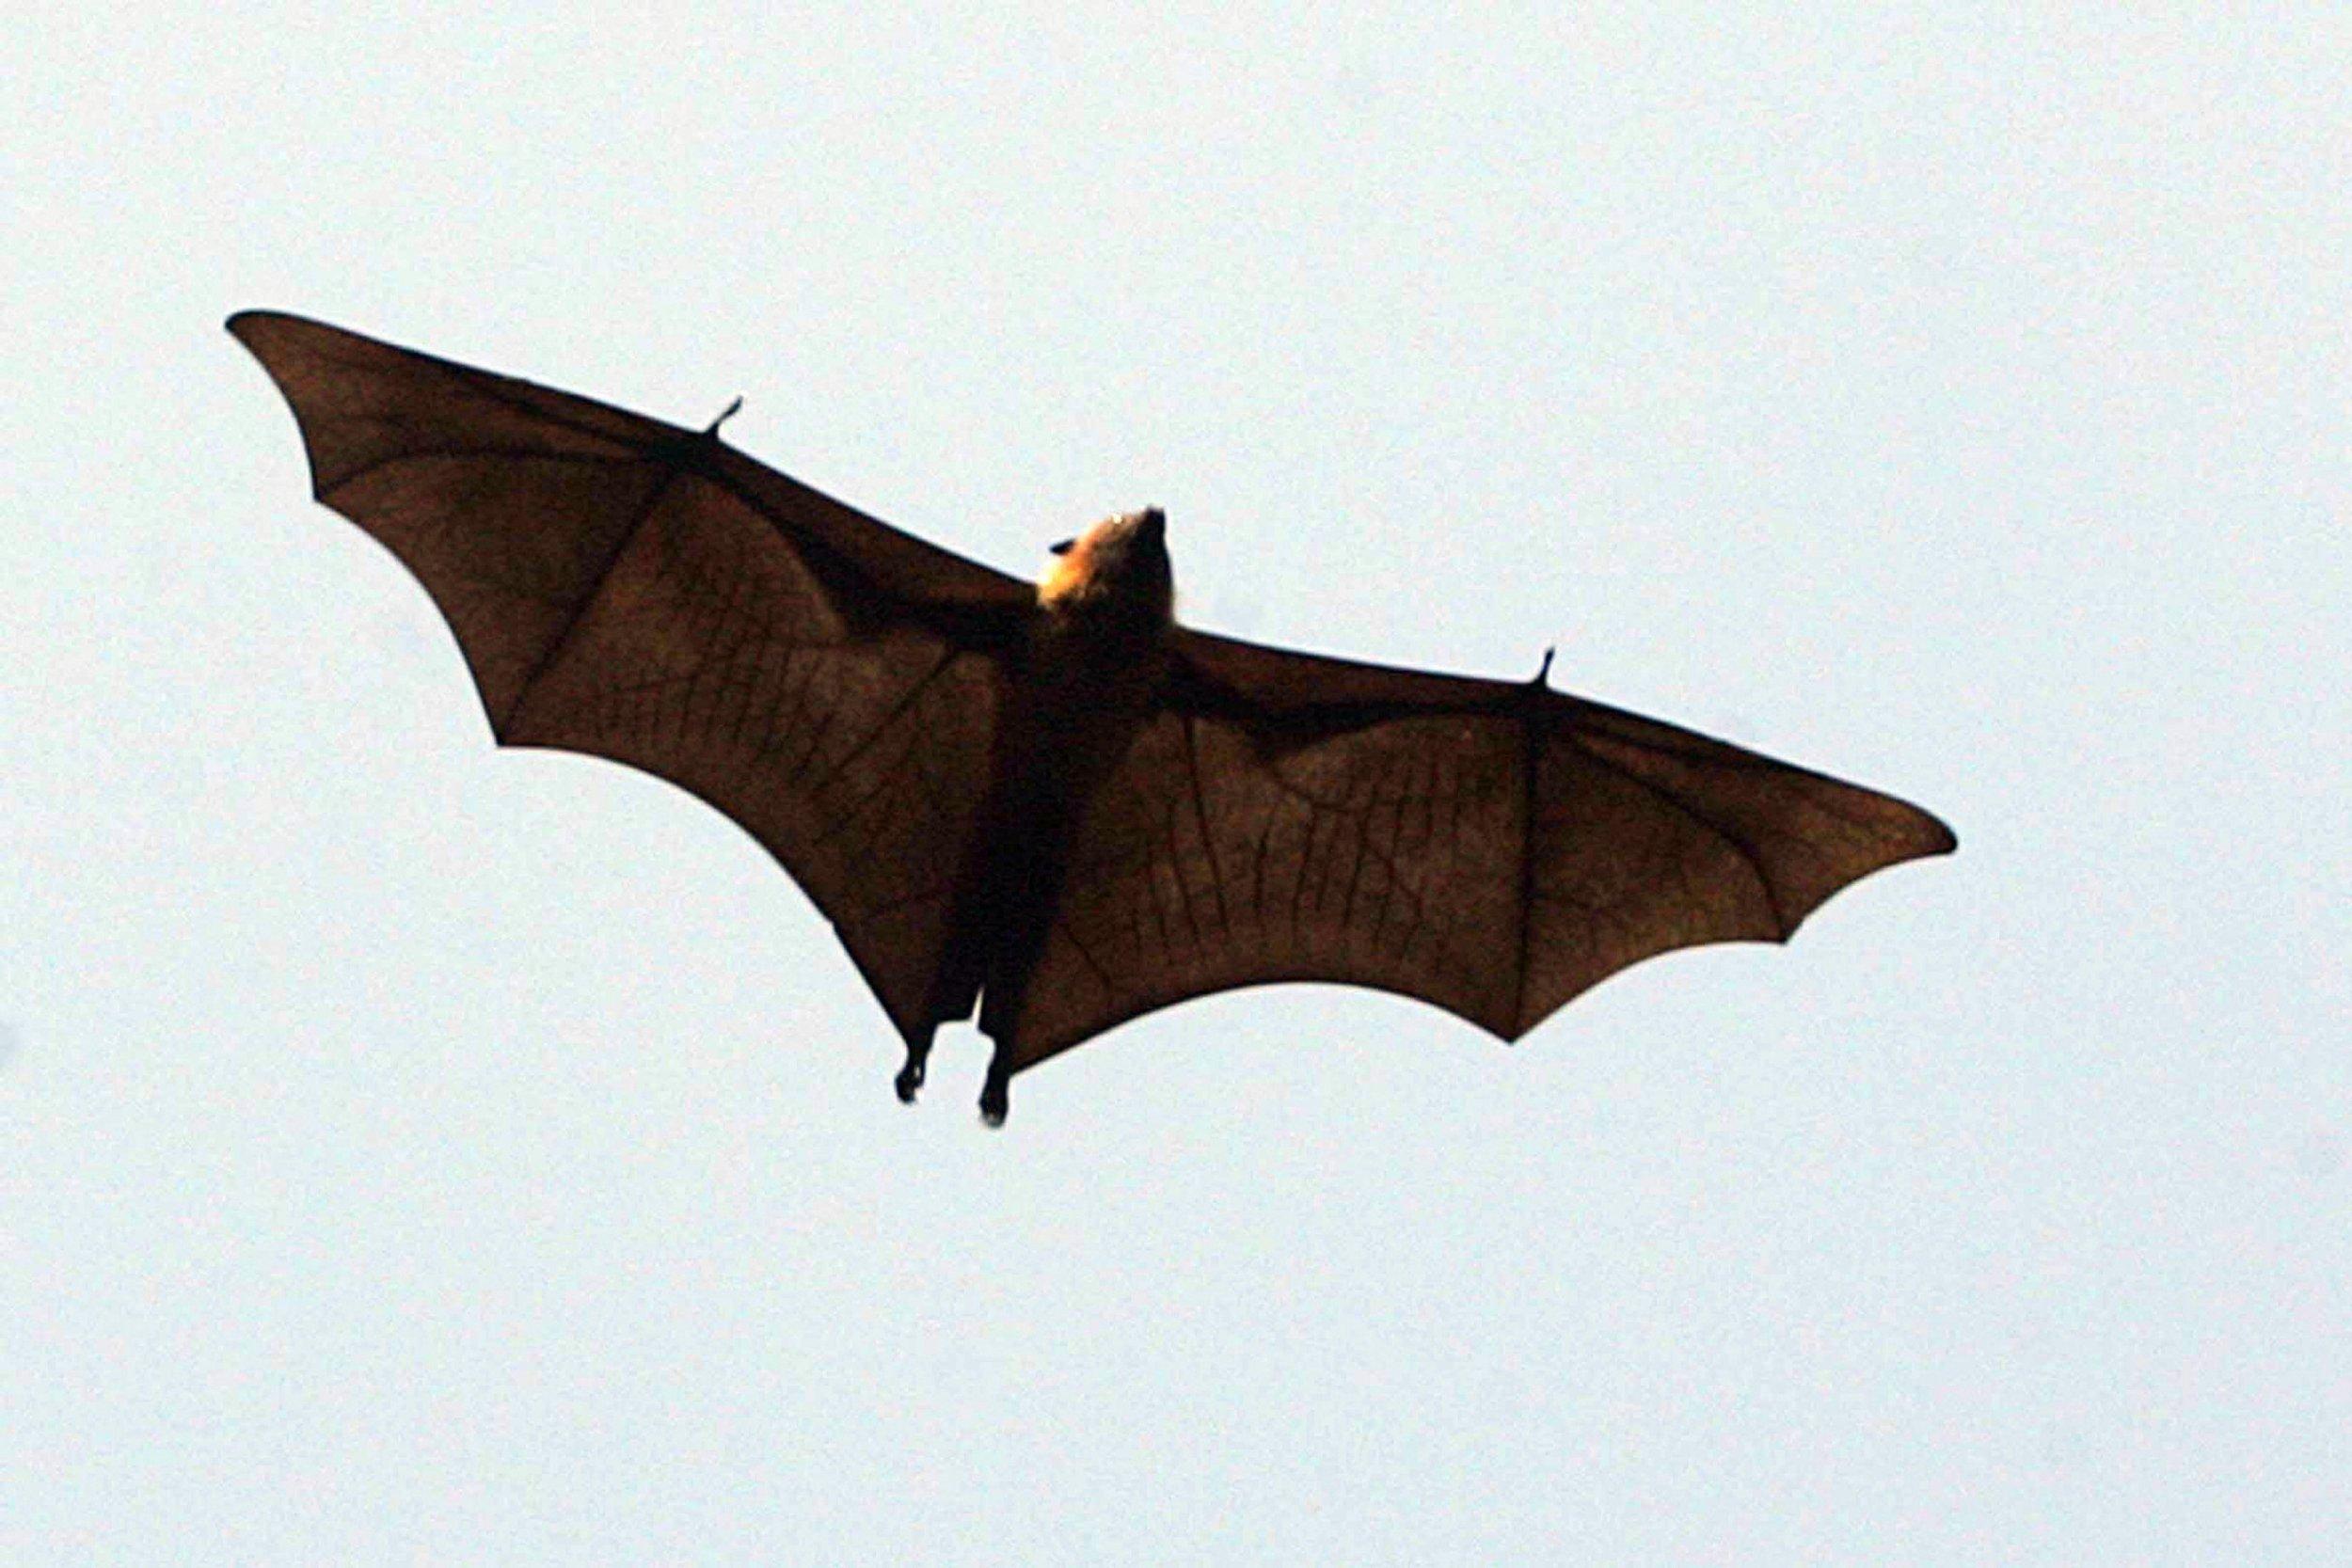 giant bat